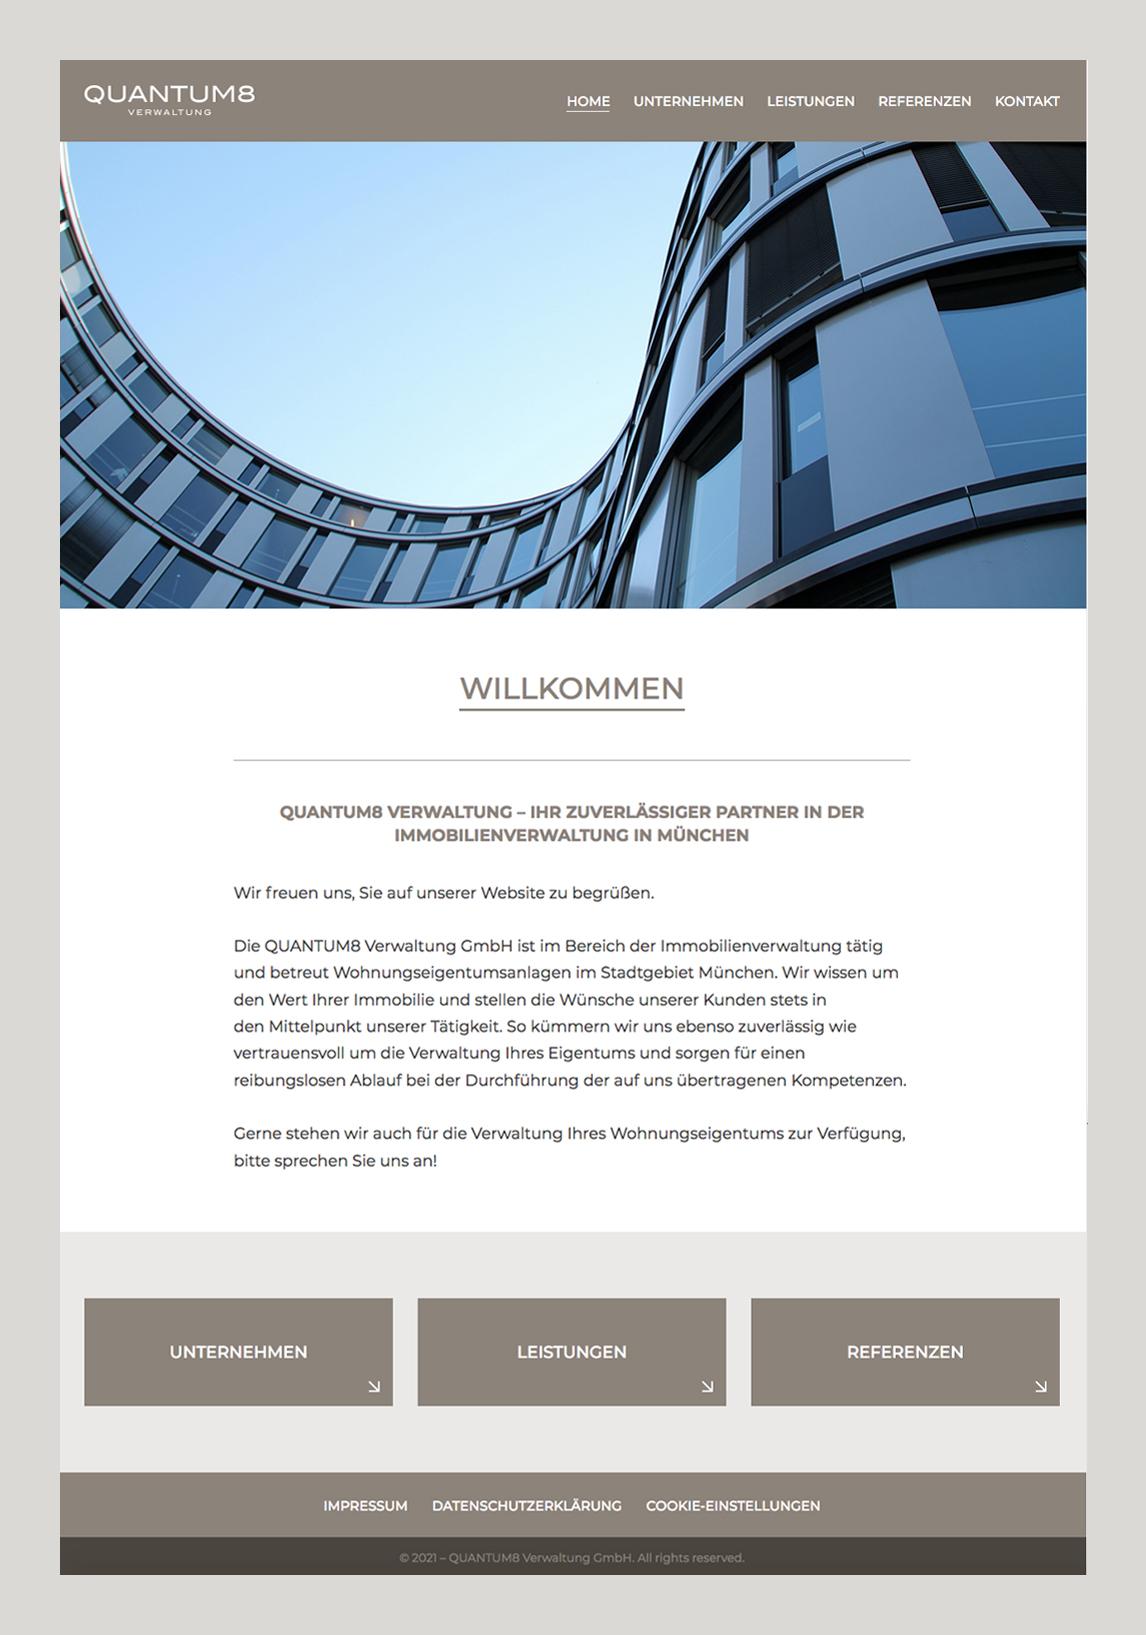 webdesign_muenchen_q8_startseite_komplett.jpg